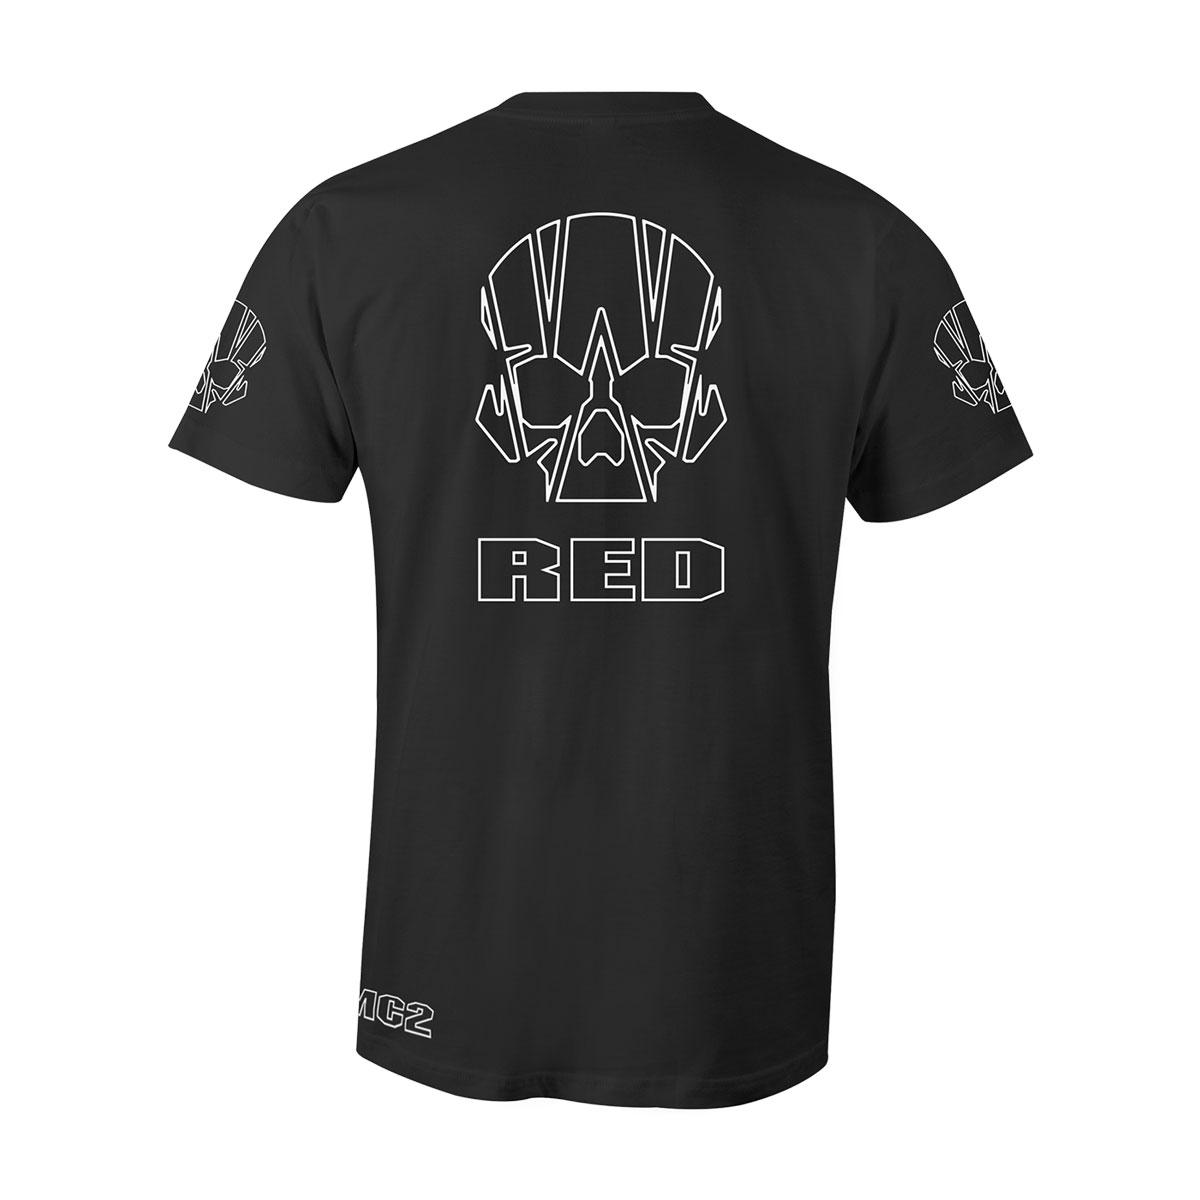 RED DSMC2 T-SHIRT